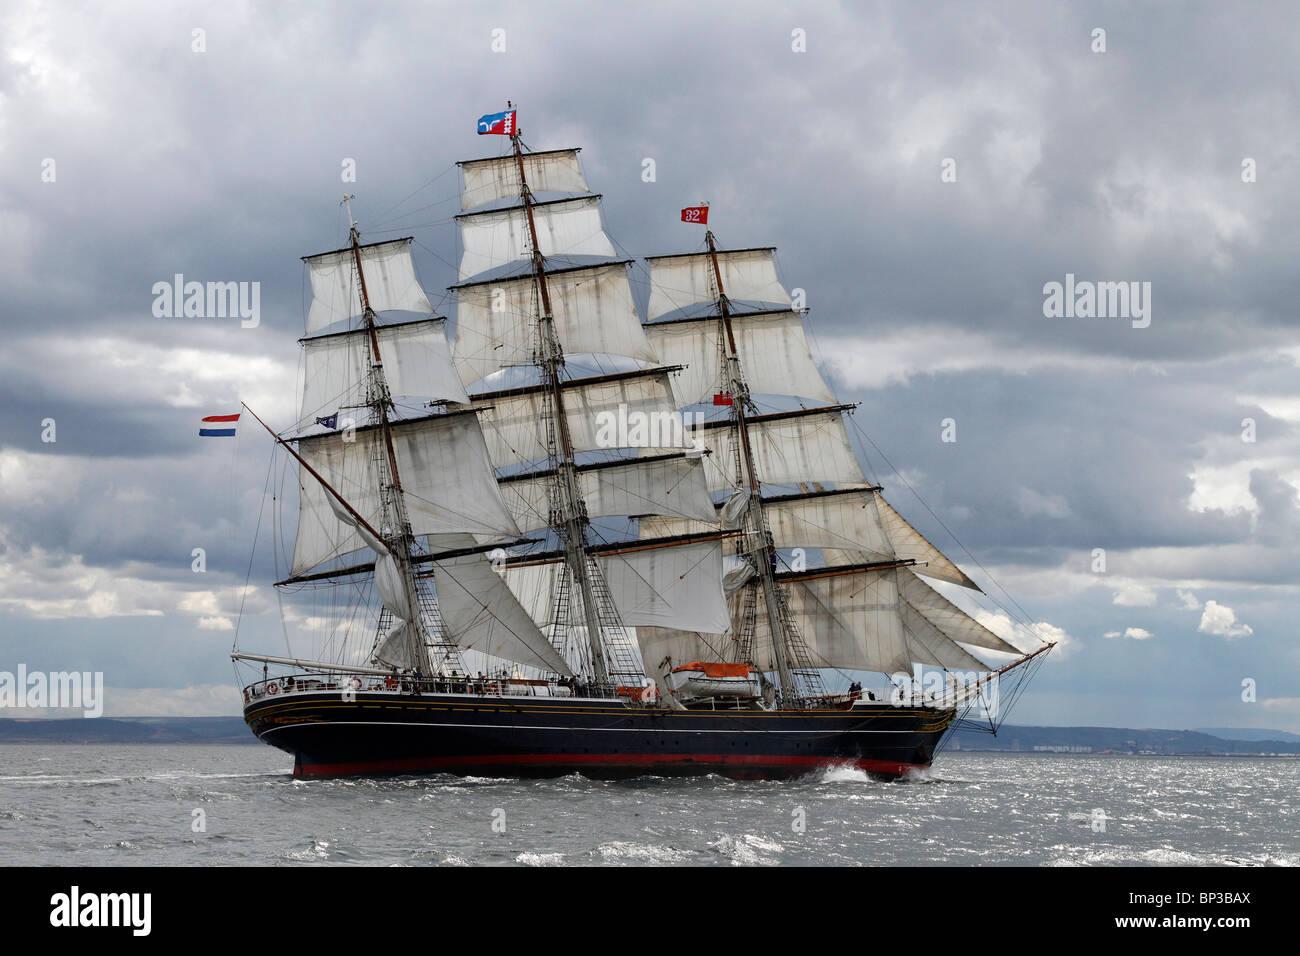 Segelschiffe auf dem meer  Stad Amsterdam am Meer, eine Fahrt unter Segeln square Segeln ...